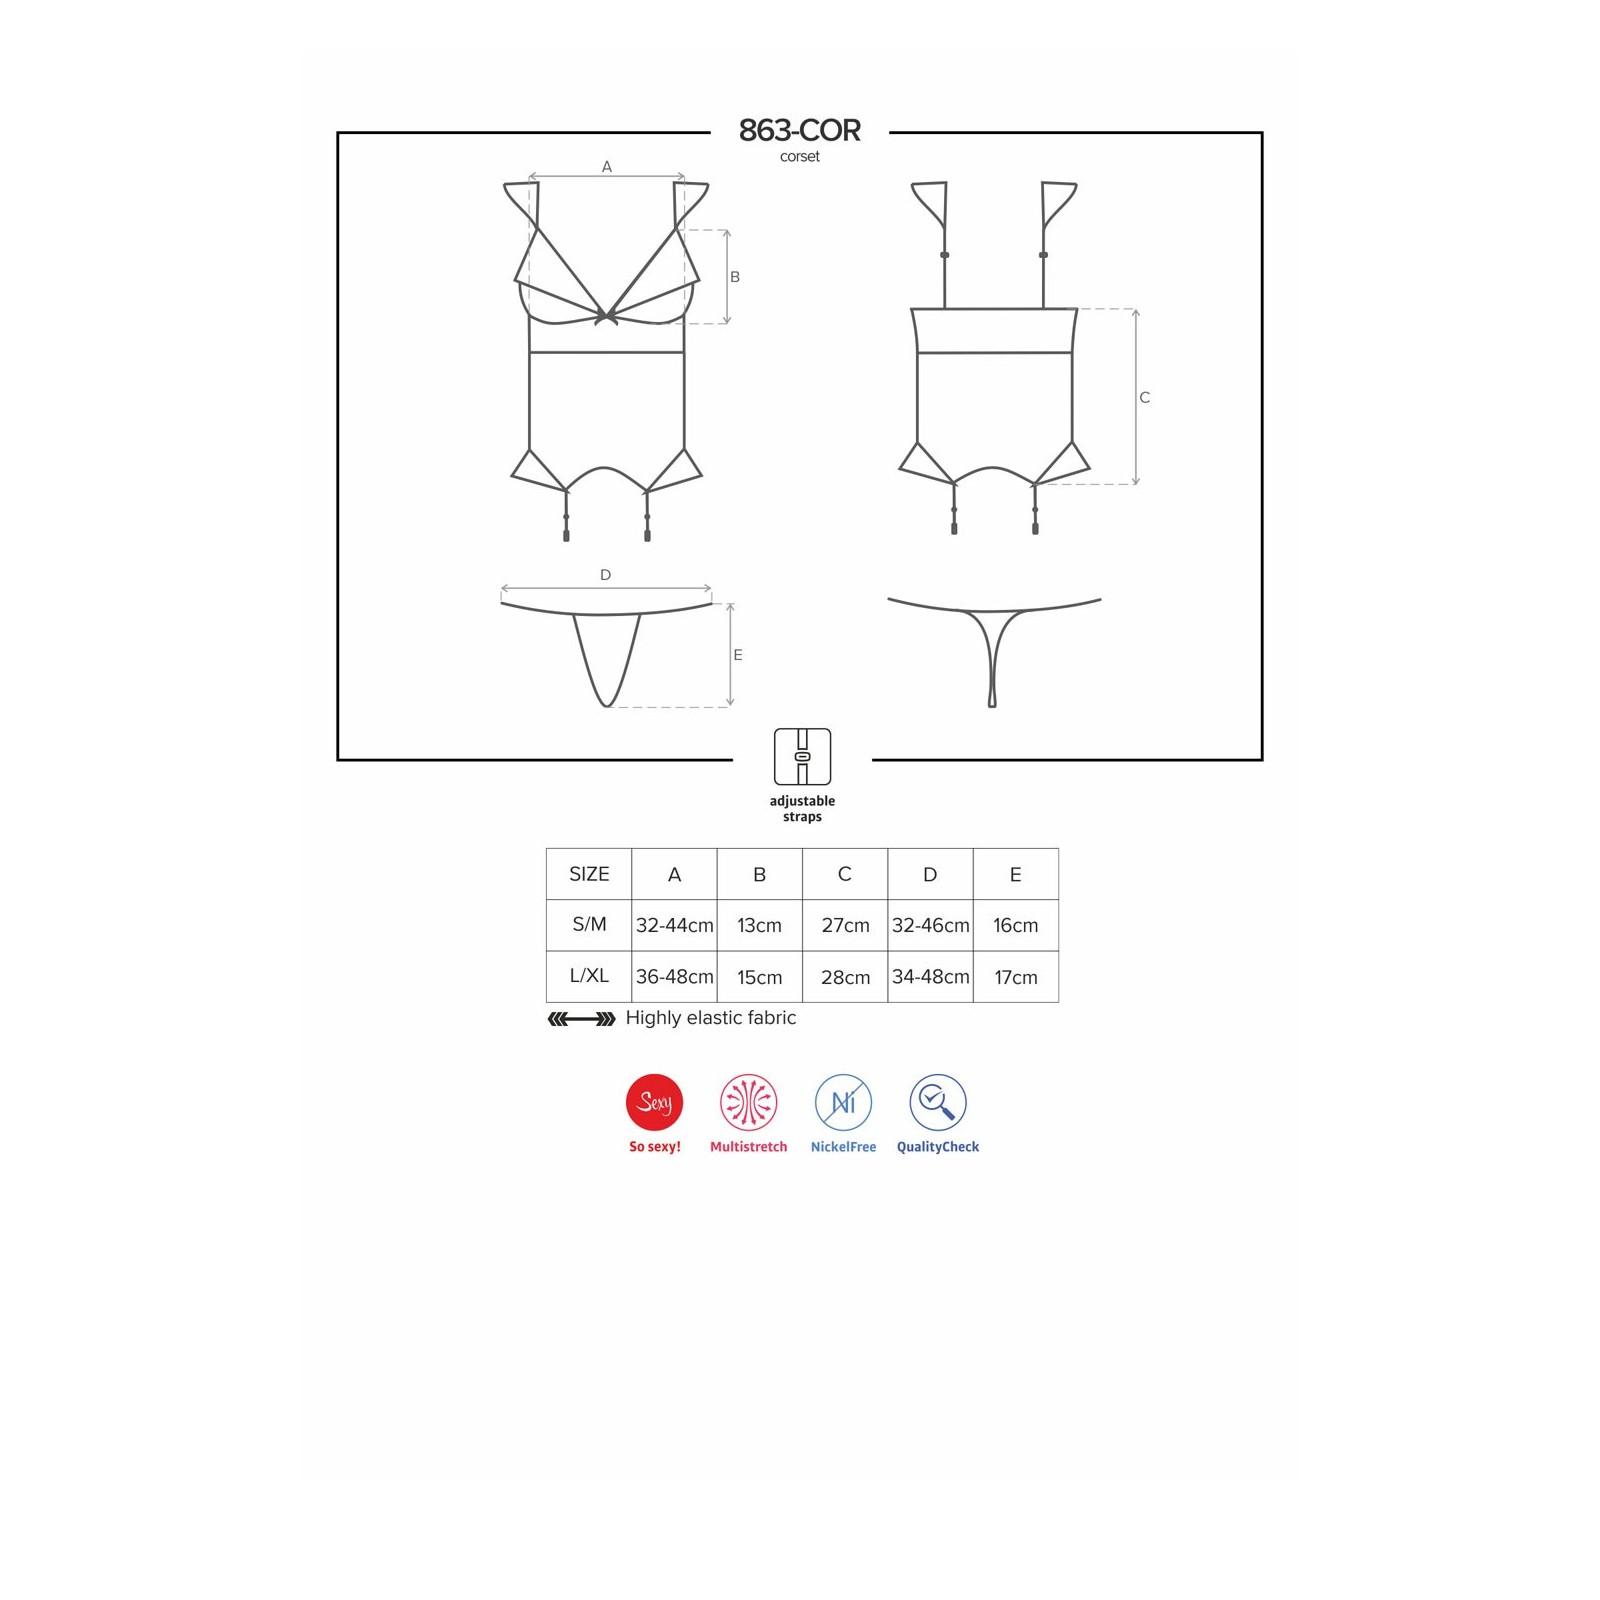 863-COR-3 Corsage rot - 7 - Vorschaubild